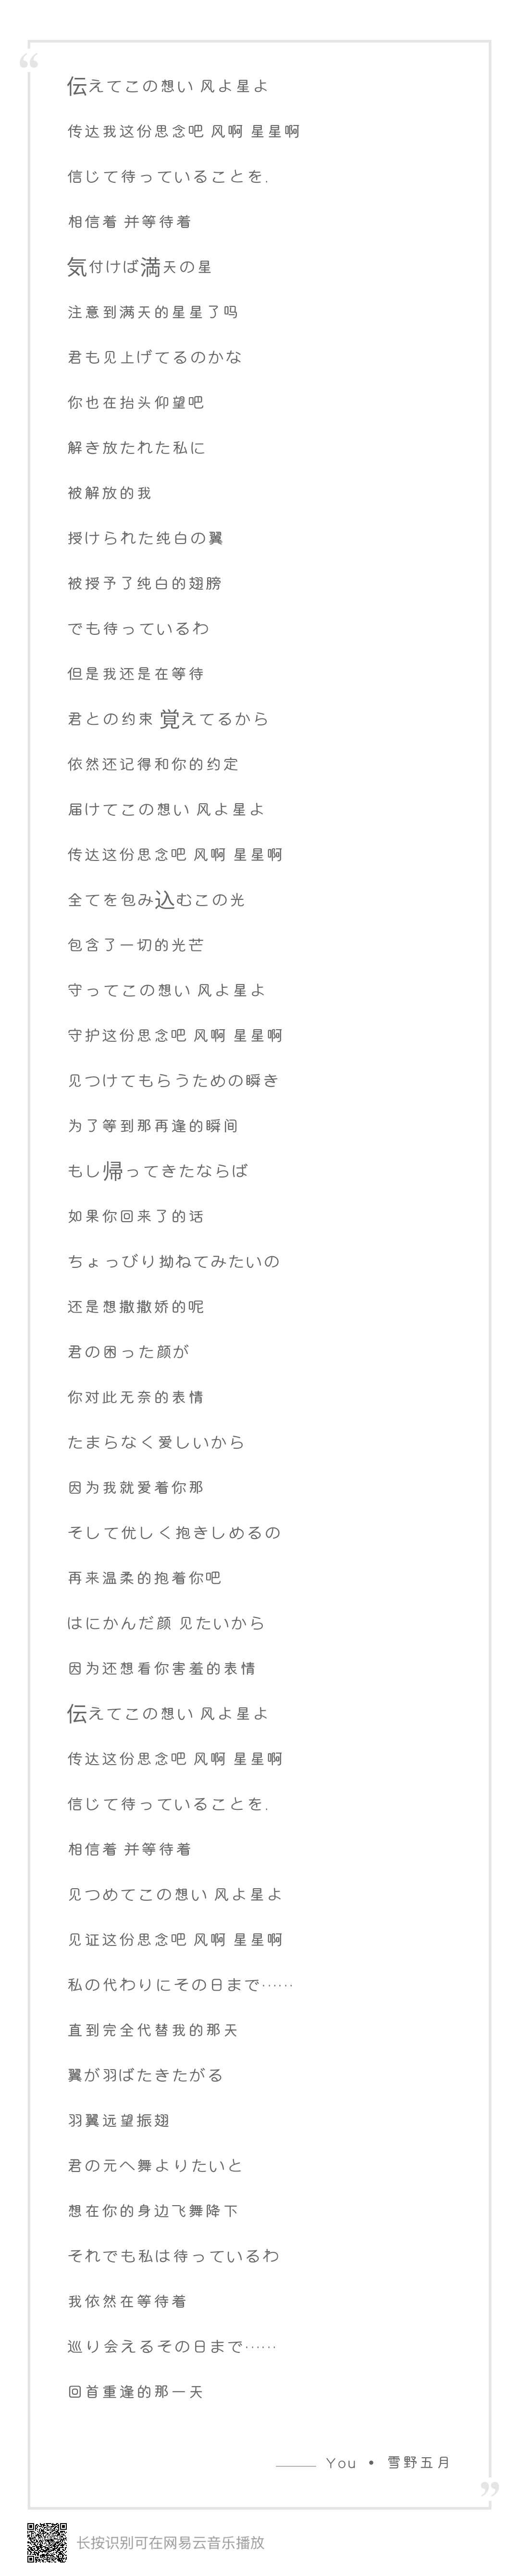 【音乐】You (广播剧《寒蝉鸣泣之时》片尾曲-小柚妹站